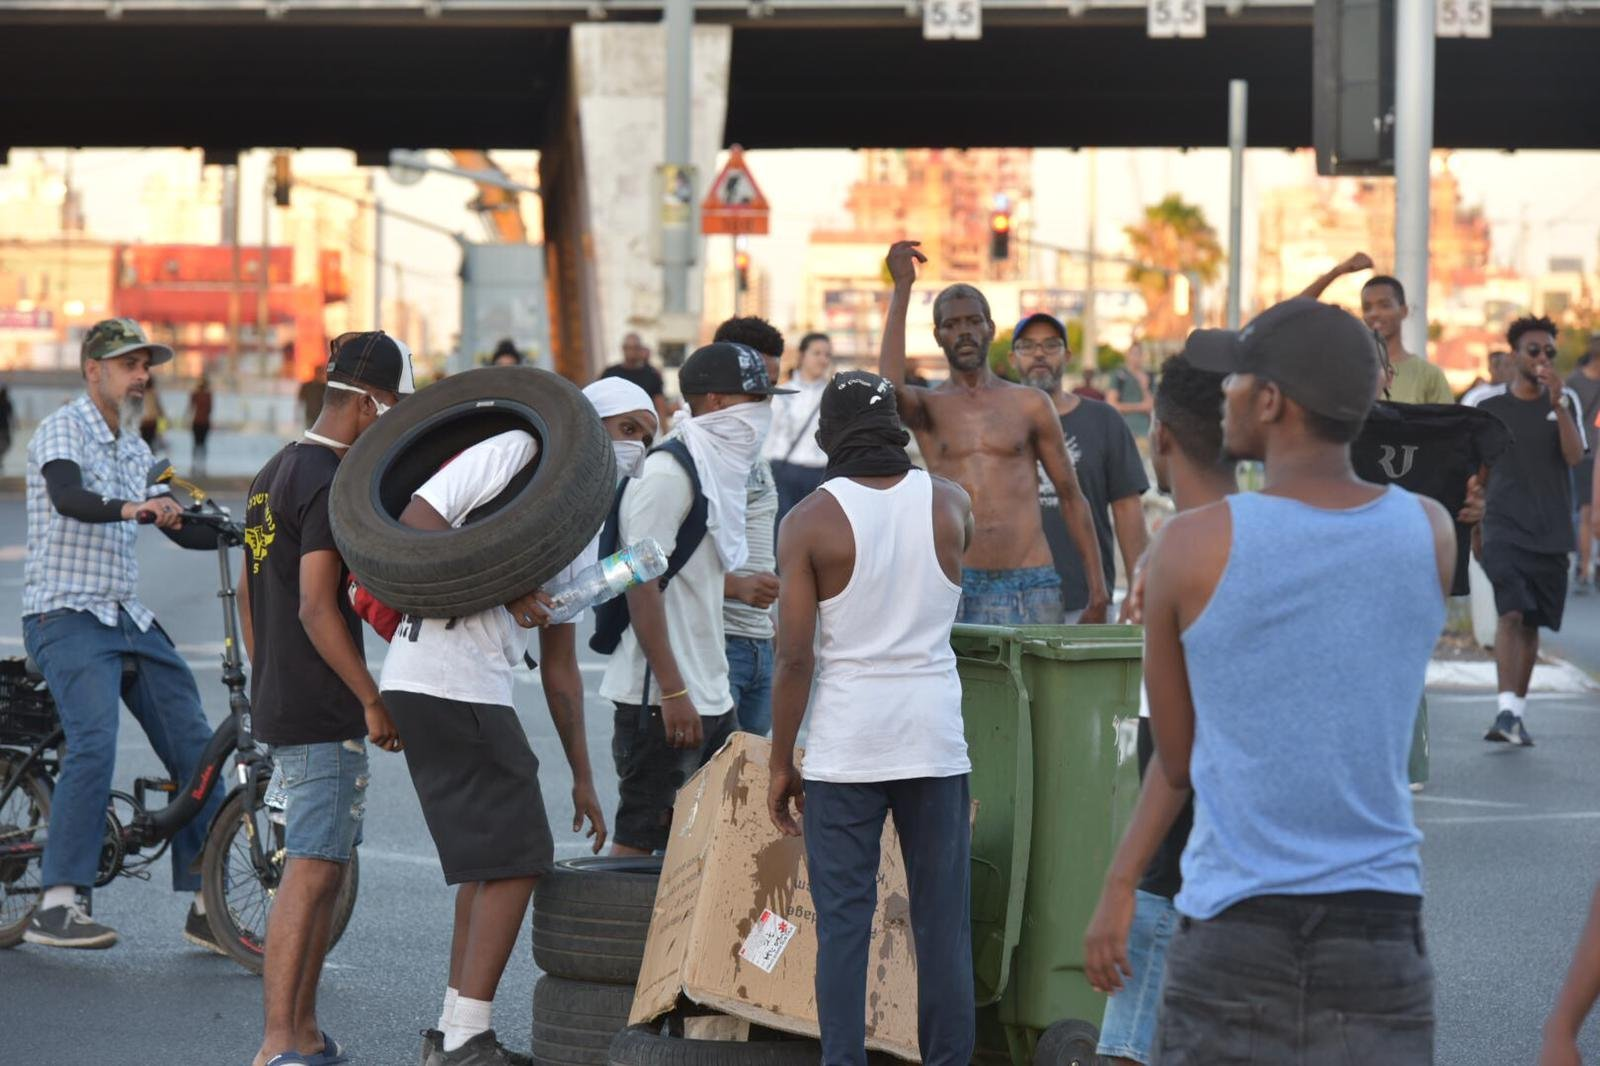 مظاهرات اليهود من اصول اثيوبية: الشرطة لن تسمح باستمرار اعمال الشغب والعنف